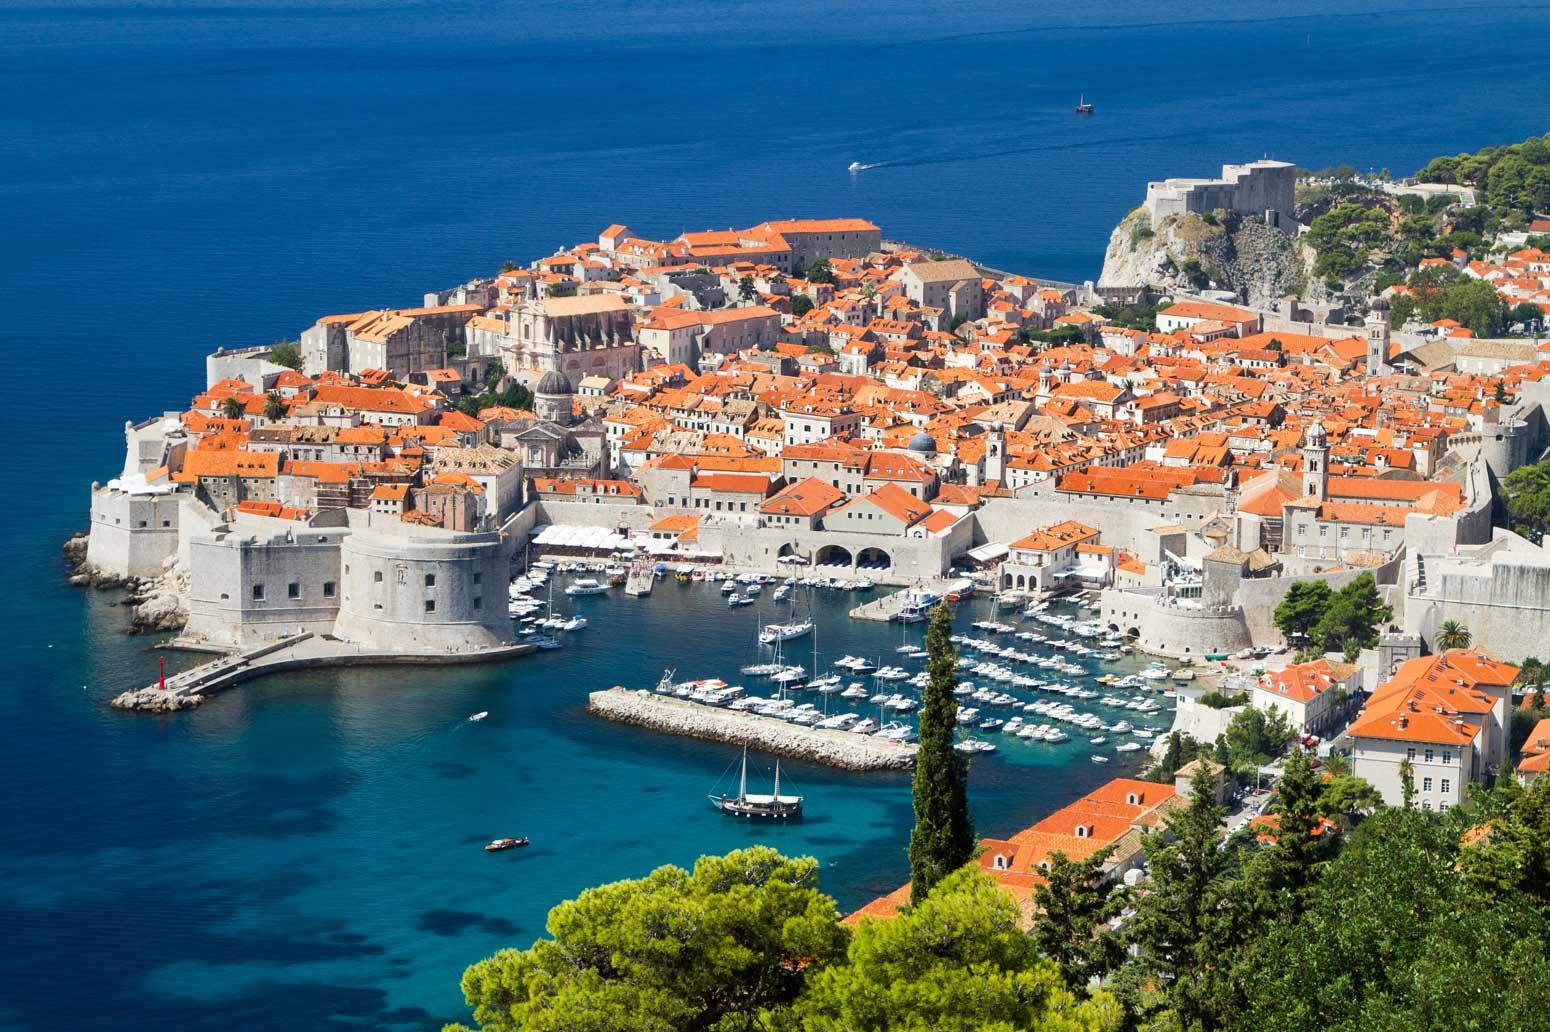 Красивата Далмация на Хърватска - острови и дворци - самолет!